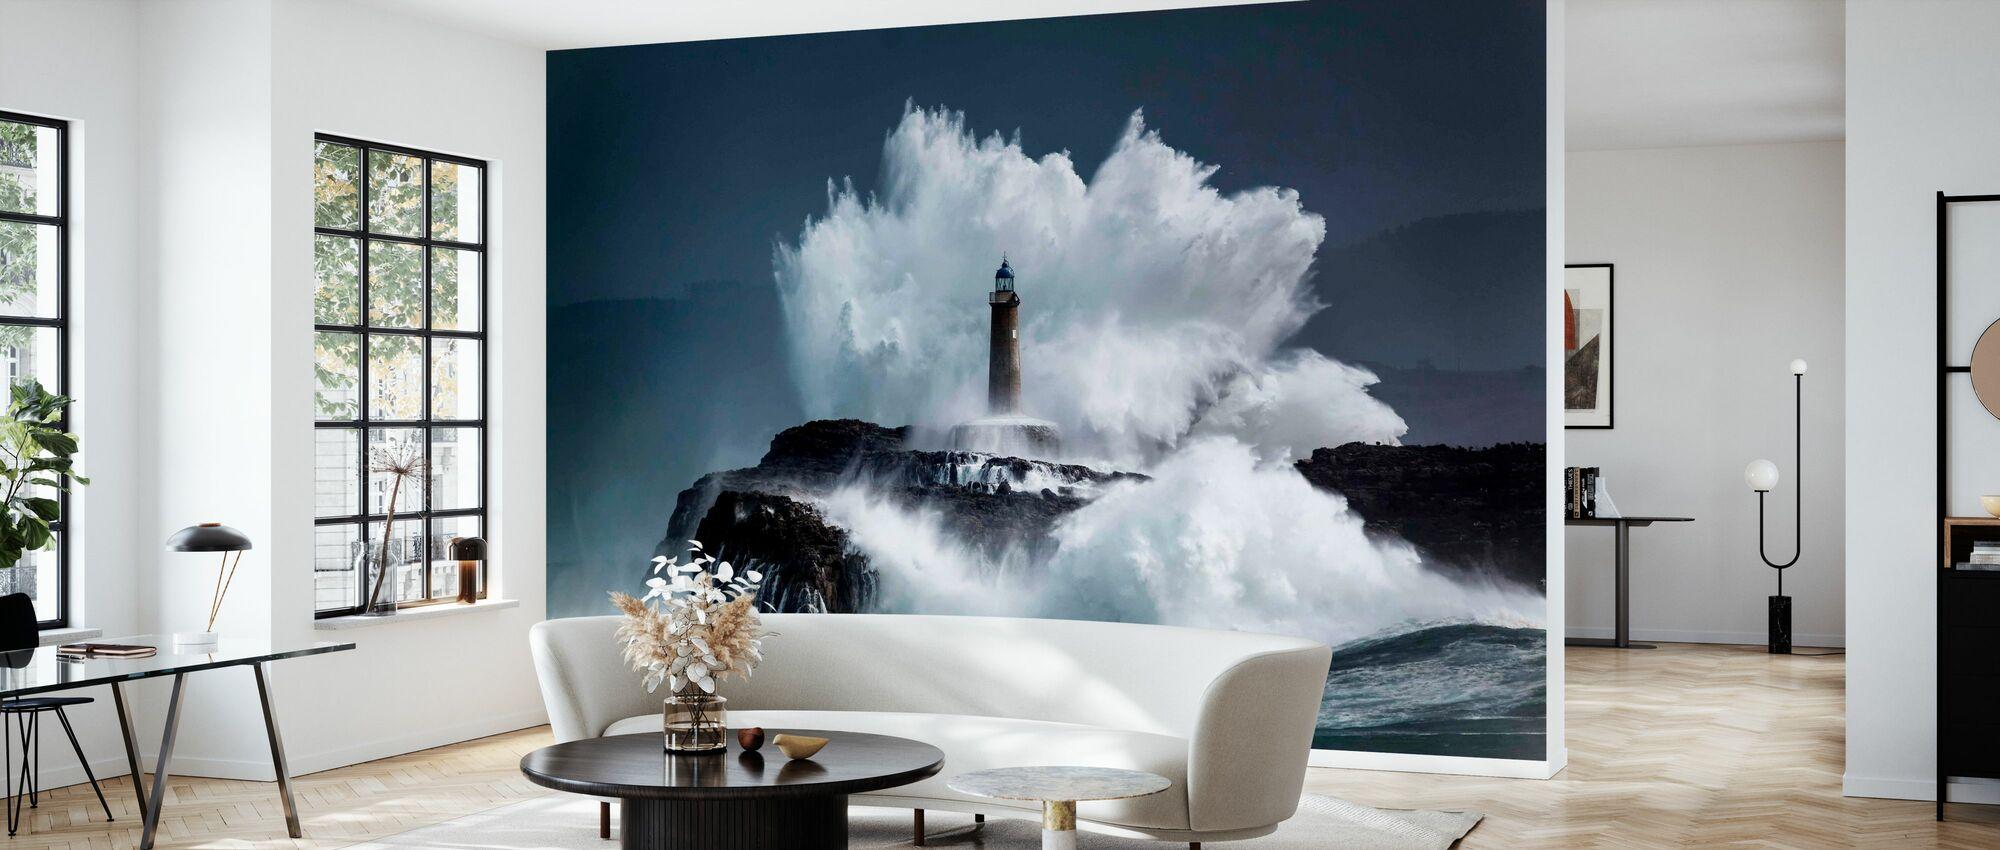 Comb - Wallpaper - Living Room